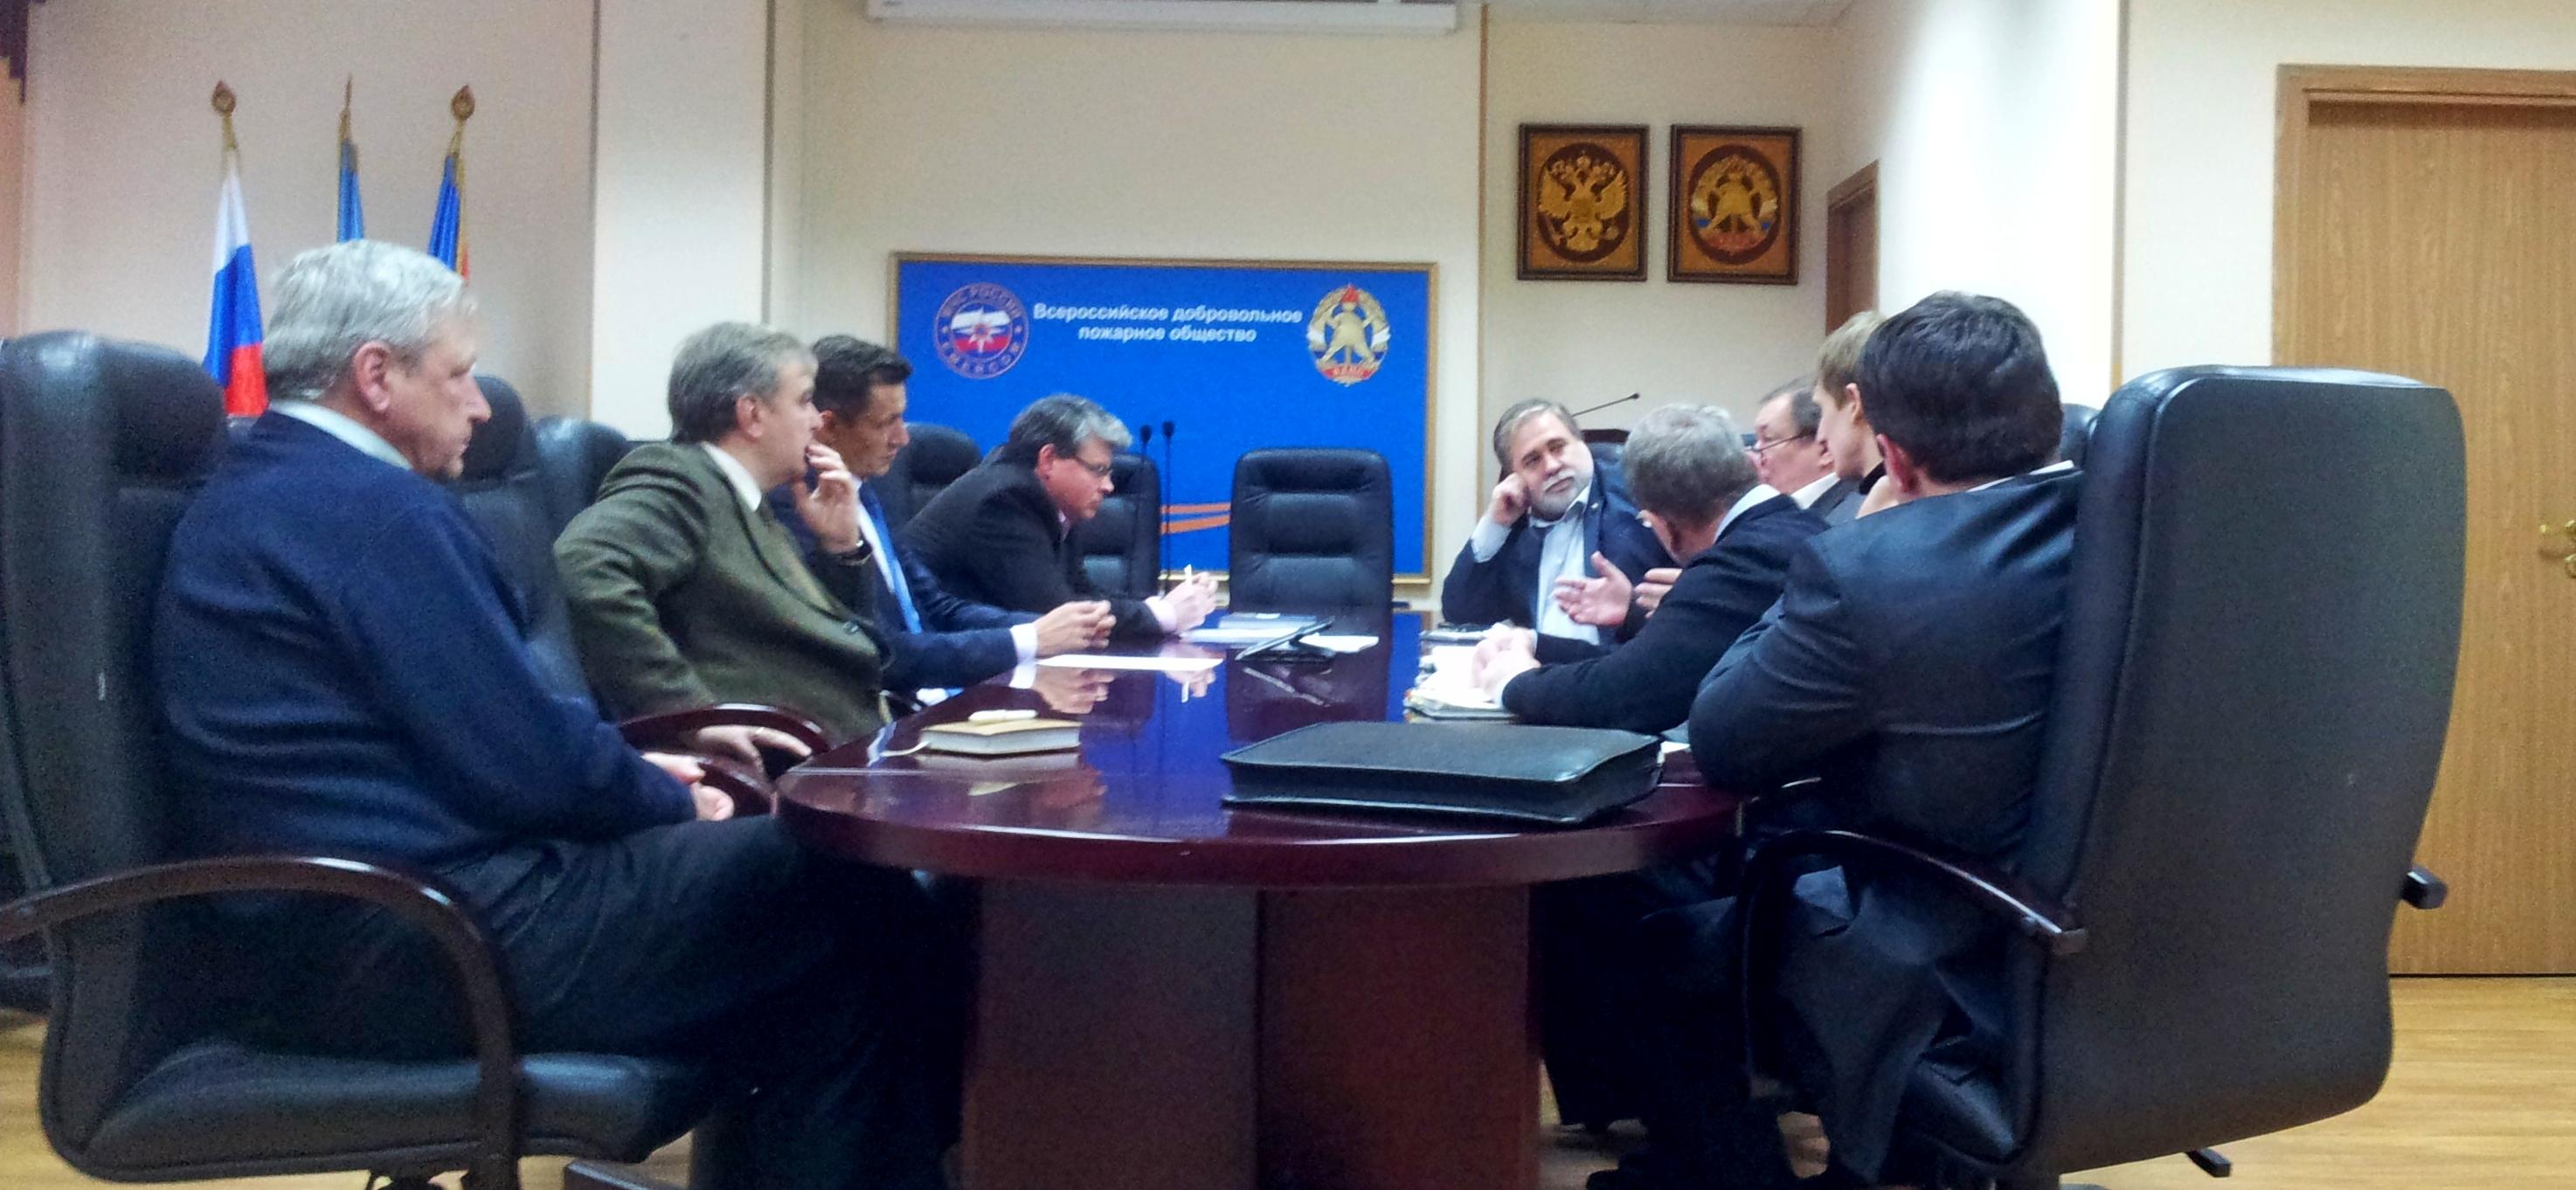 В Центральном Совете ВДПО состоялось заседание отраслевых объединений по вопросу проведения испытаний продукции пожарно-спасательного назначения, установленной и эксплуатируемой на социально-значимых объектах.